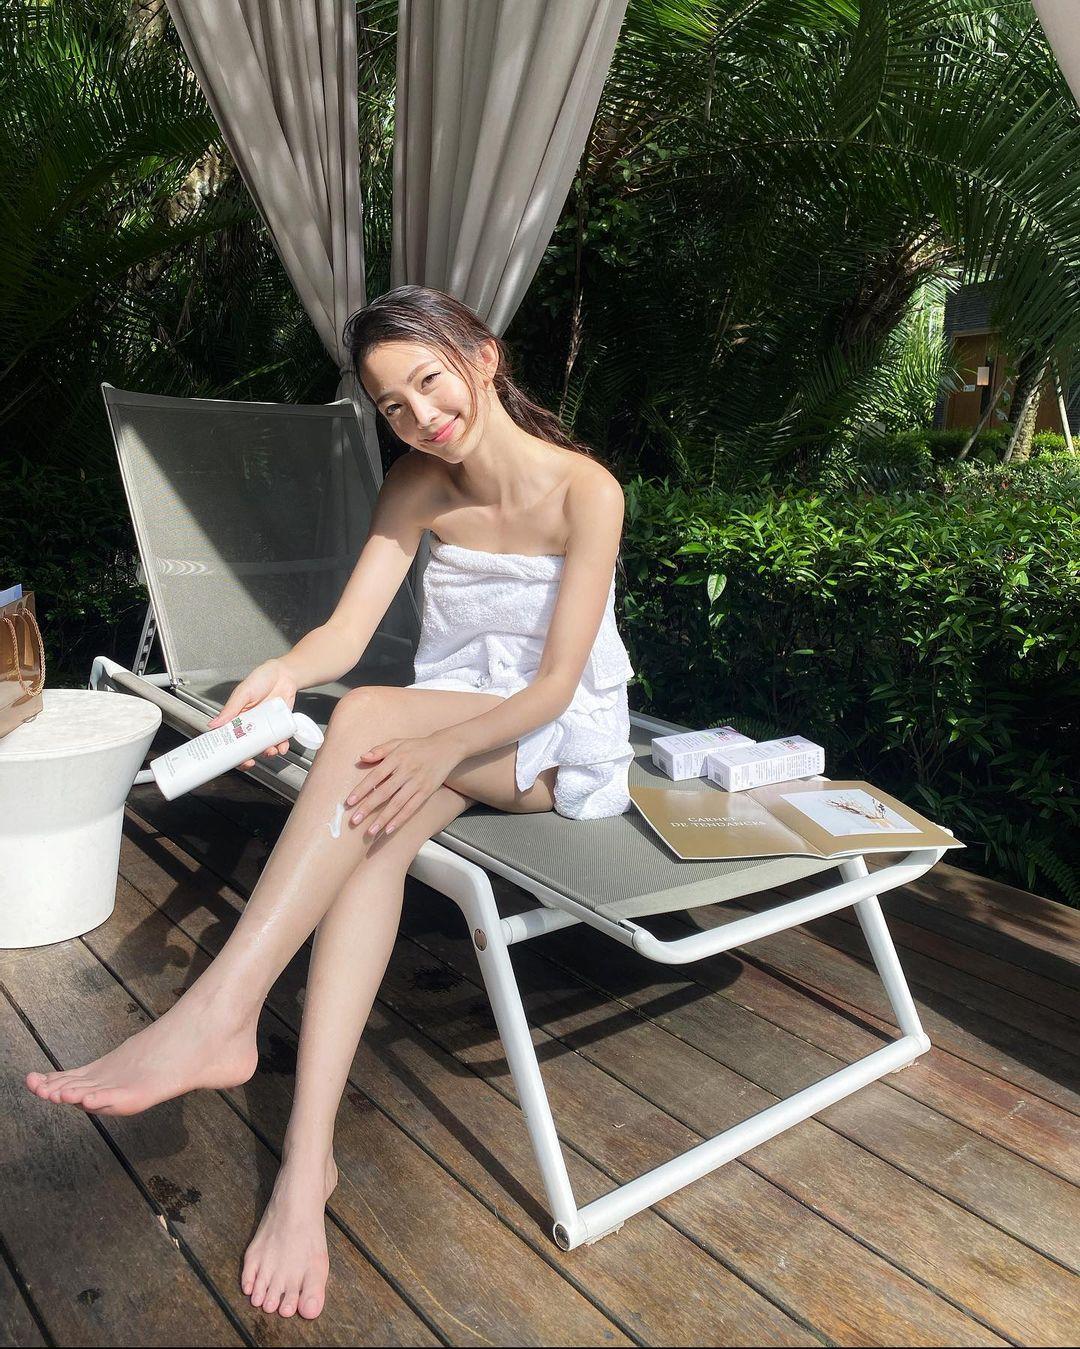 Vava  氣質神顏搭載「白嫩美腿」女神無誤 - 美女圖 -